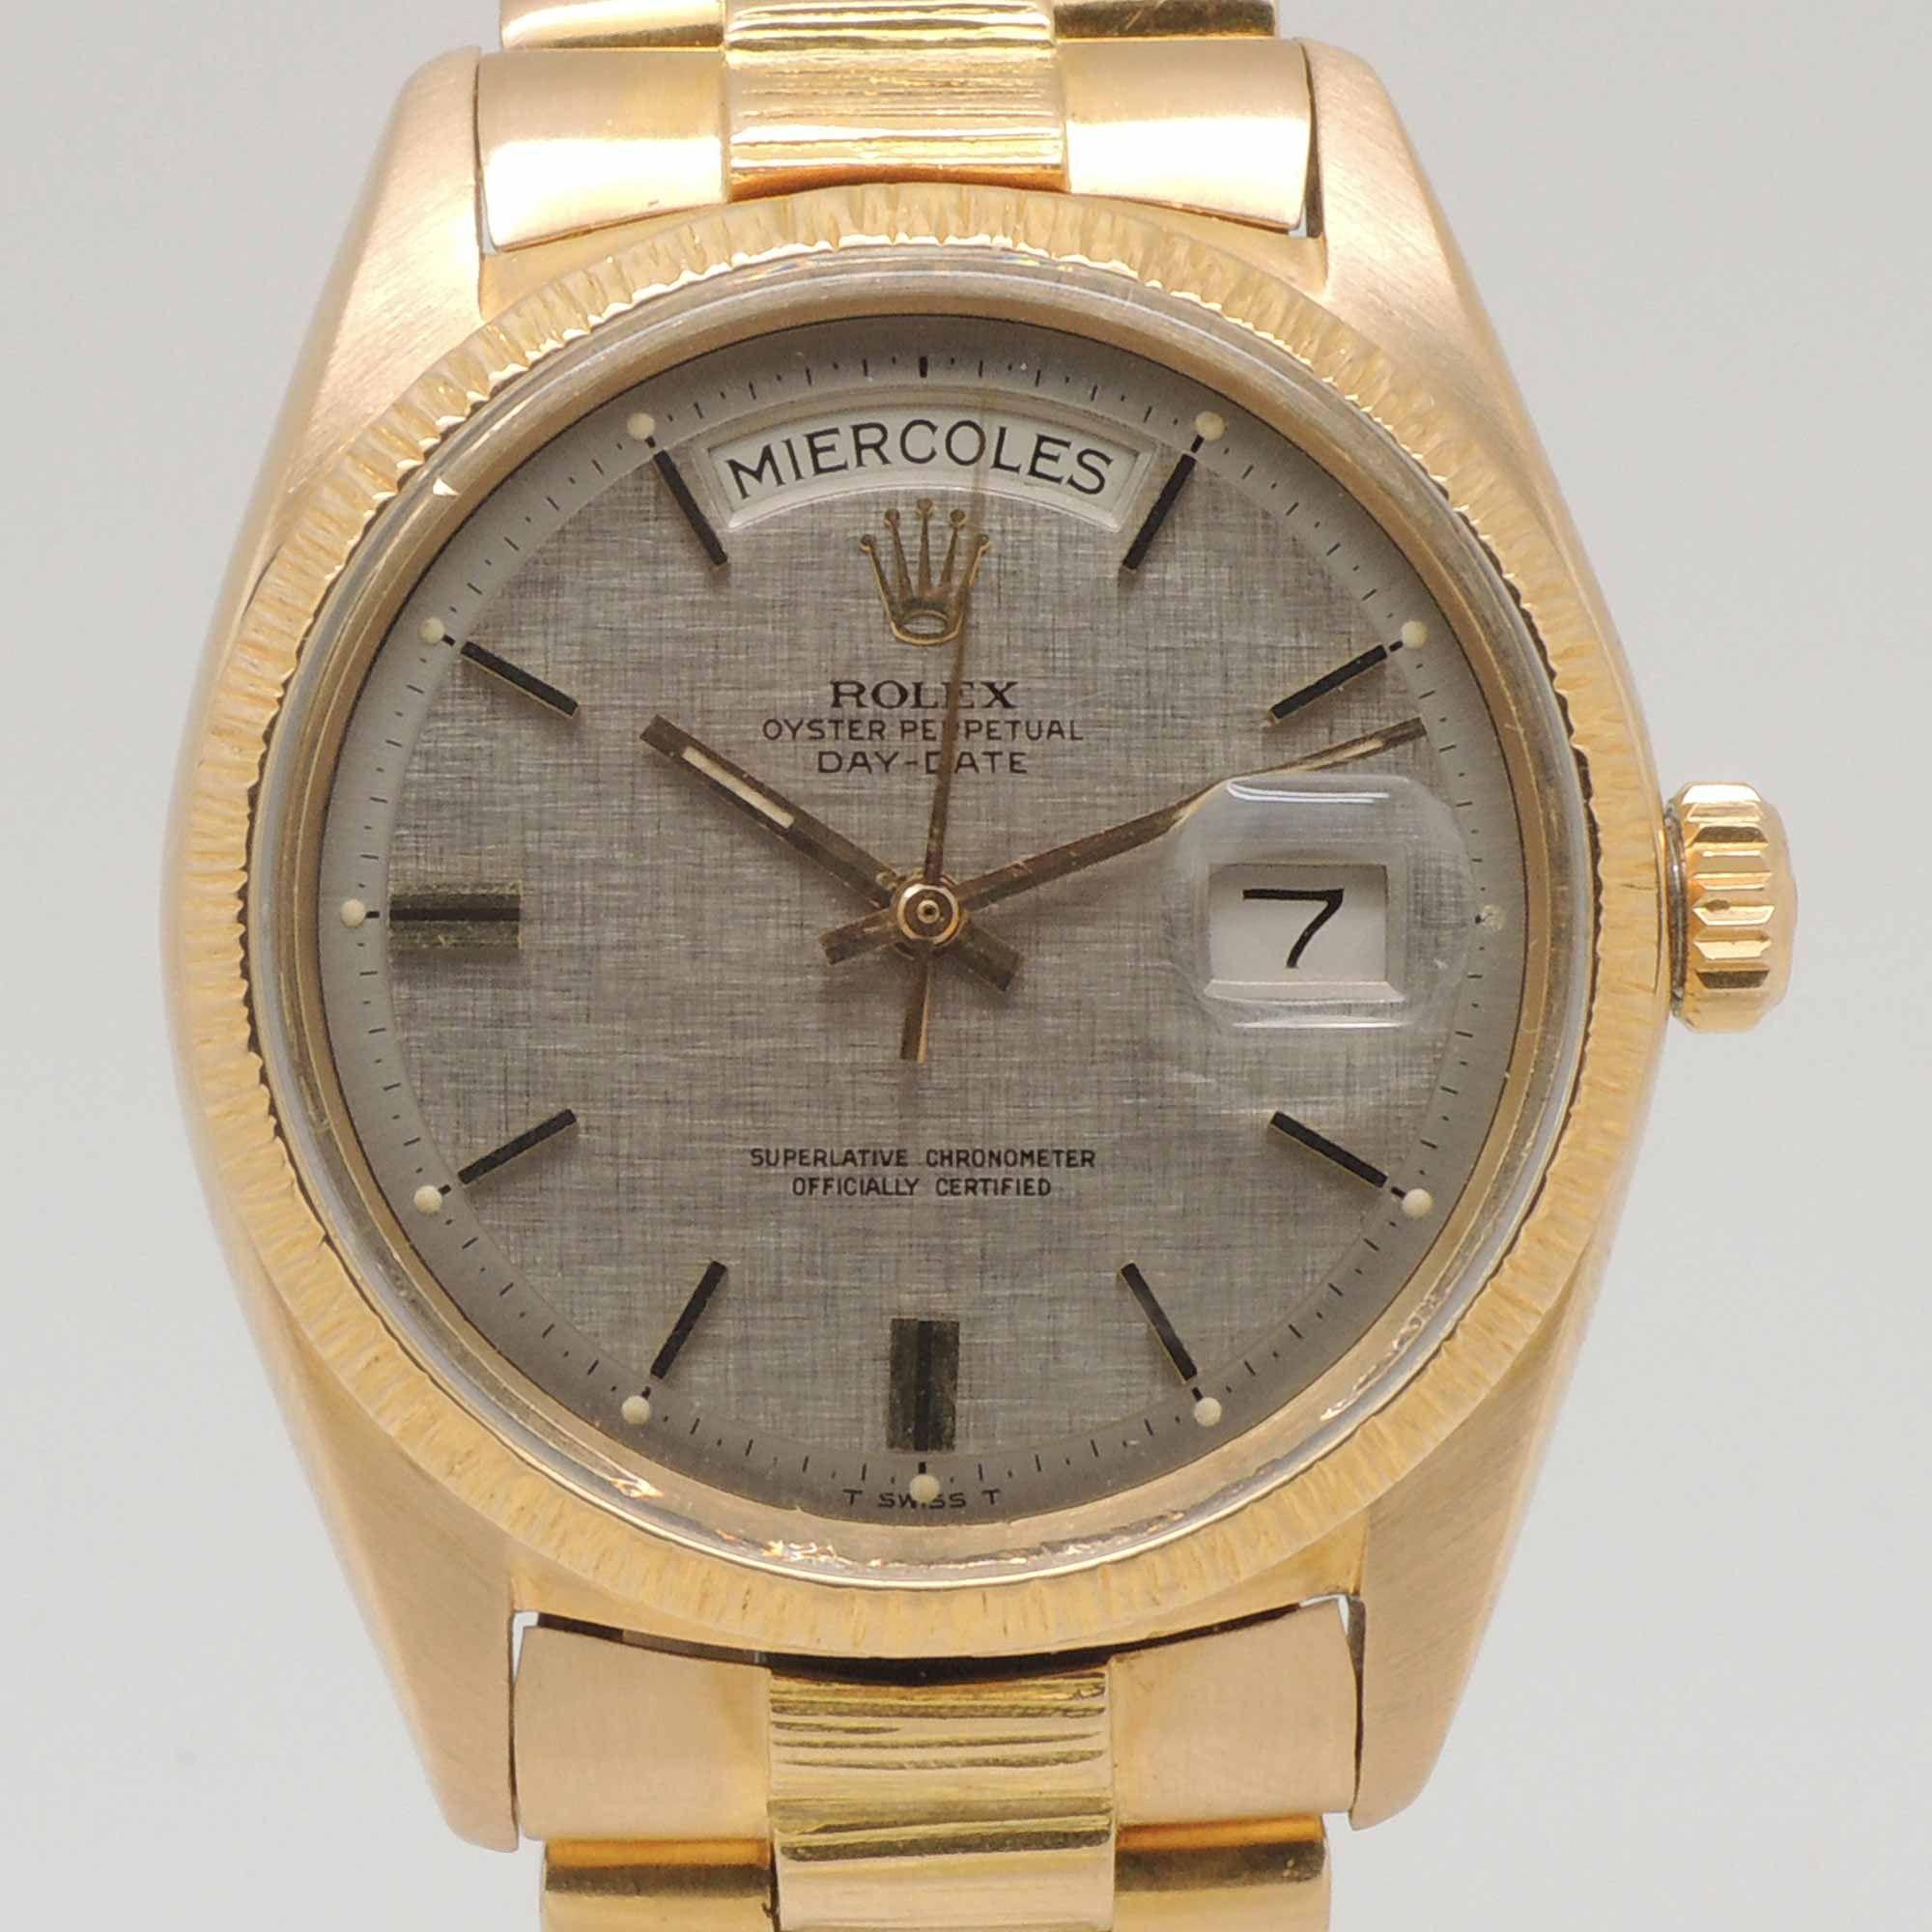 Ancienne Vintage Gallery Rolex Watches Rolex Day Date Rolex